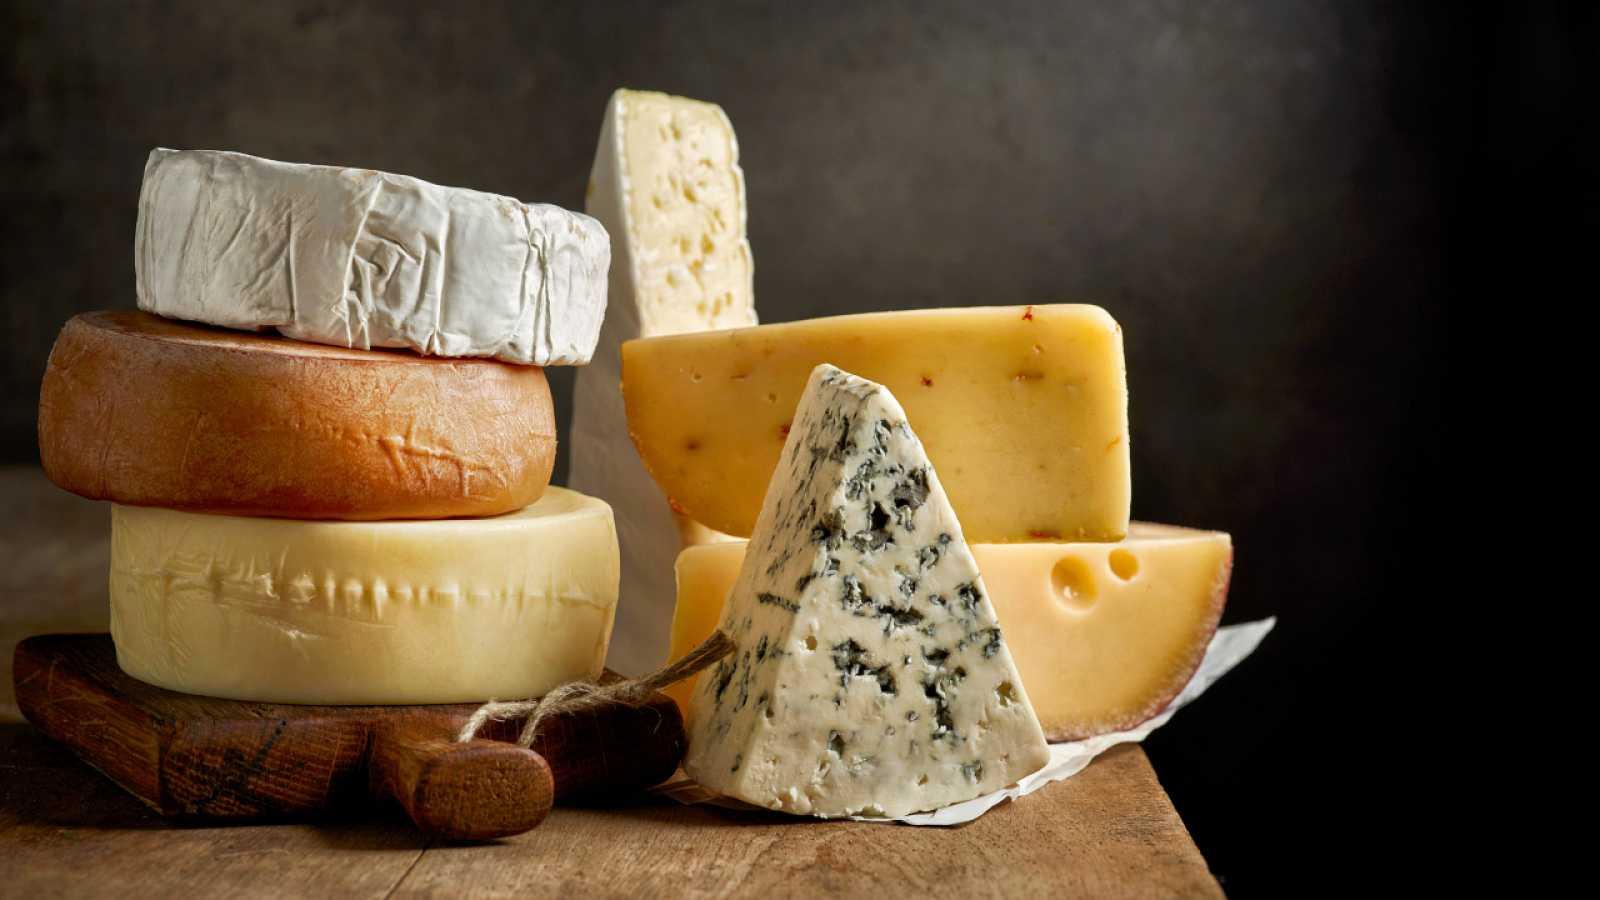 ¿Sabías que los quesos también son de temporadas? ¡Te contamos qué los diferencia!